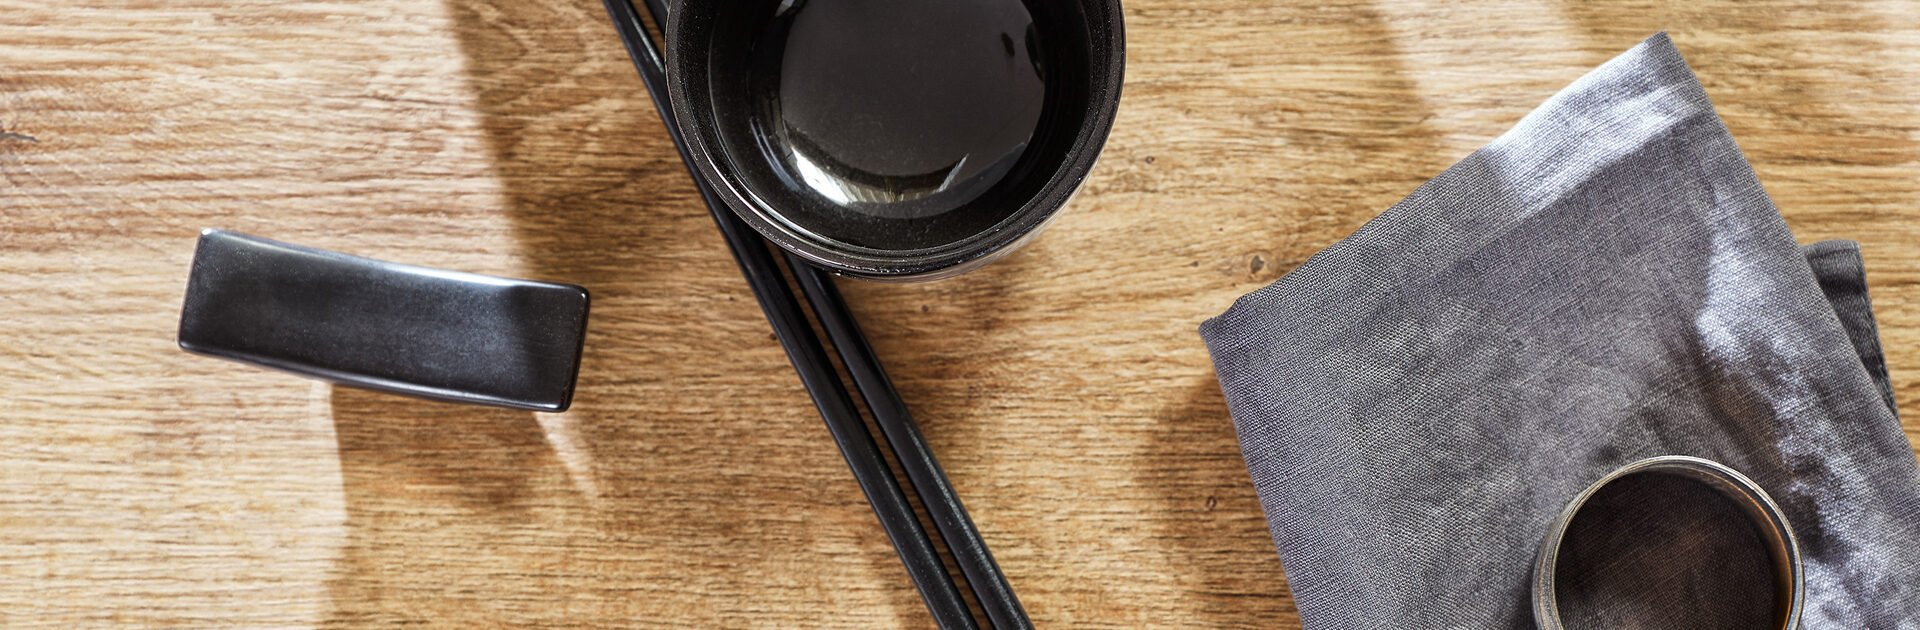 Tips voor onderhouden keukenbladen | Satink Keukens